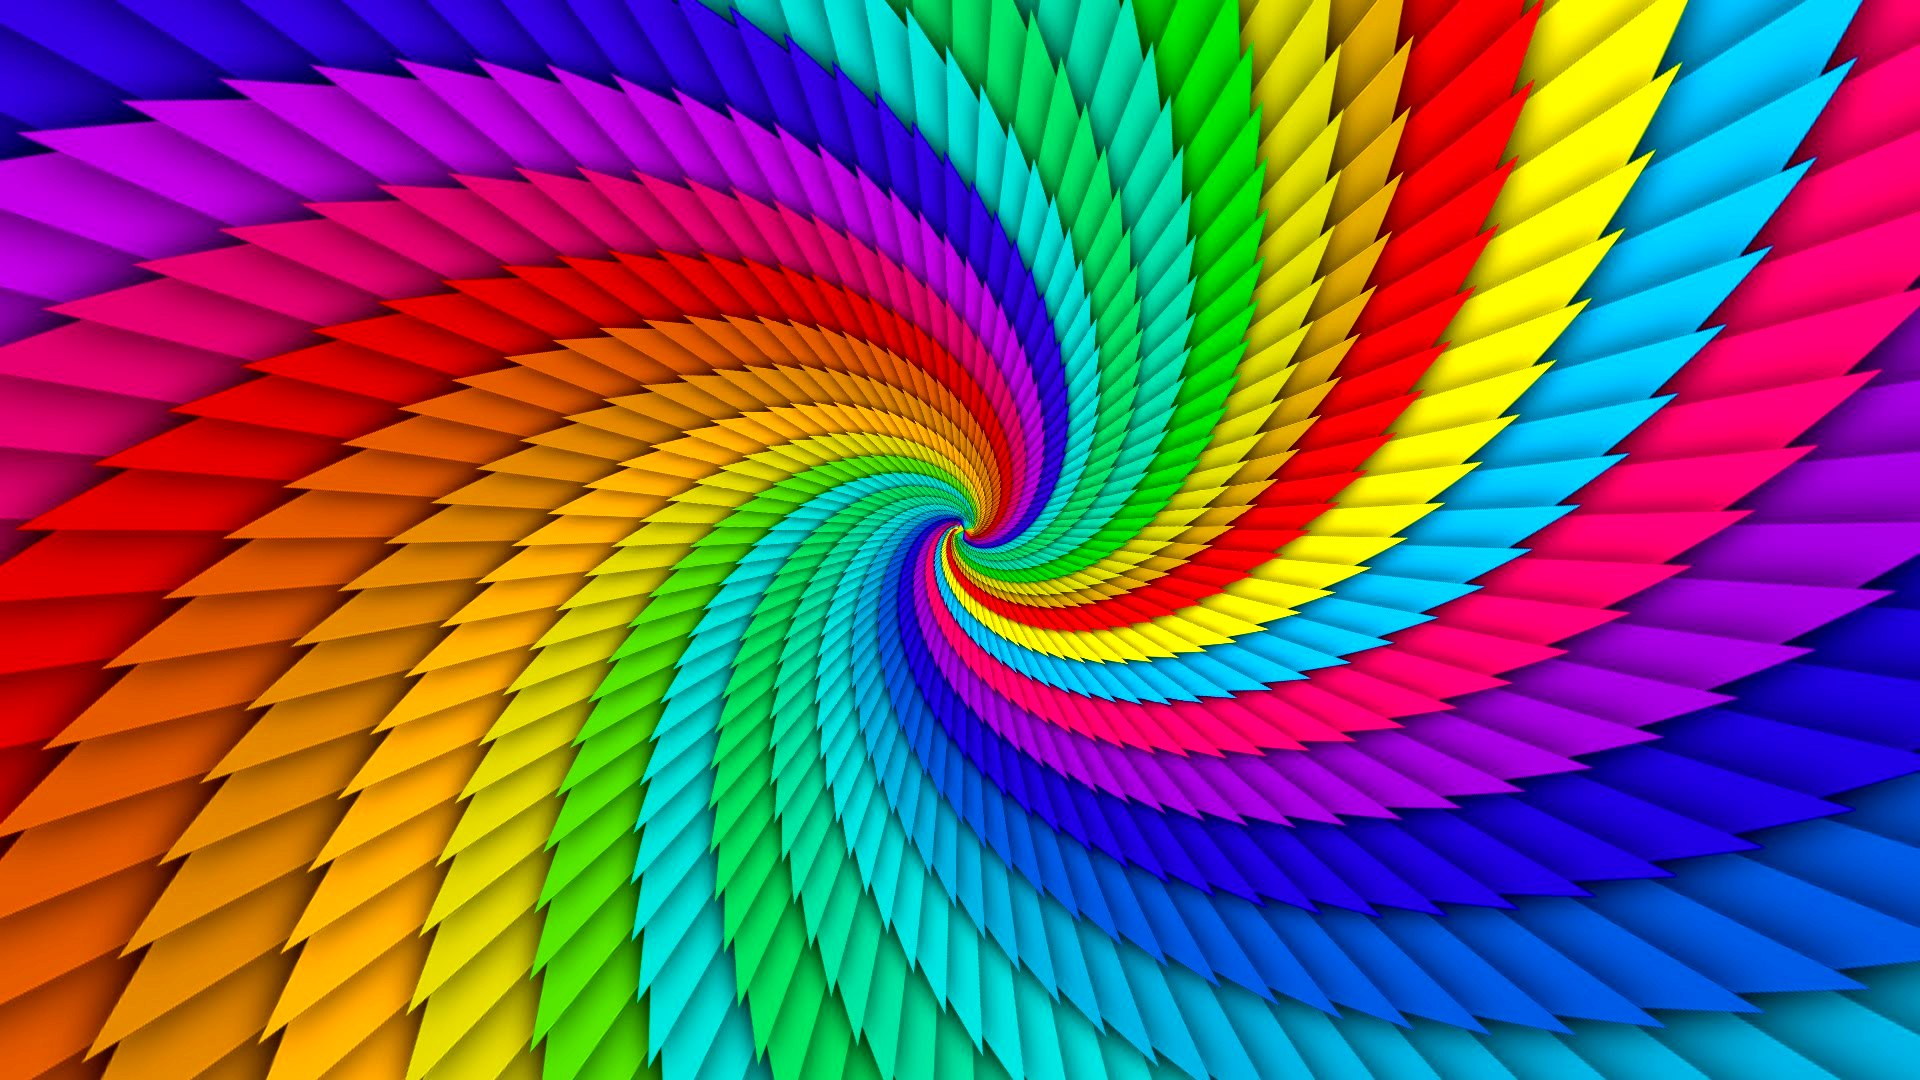 том, цветовая радуга картинка нее наверное